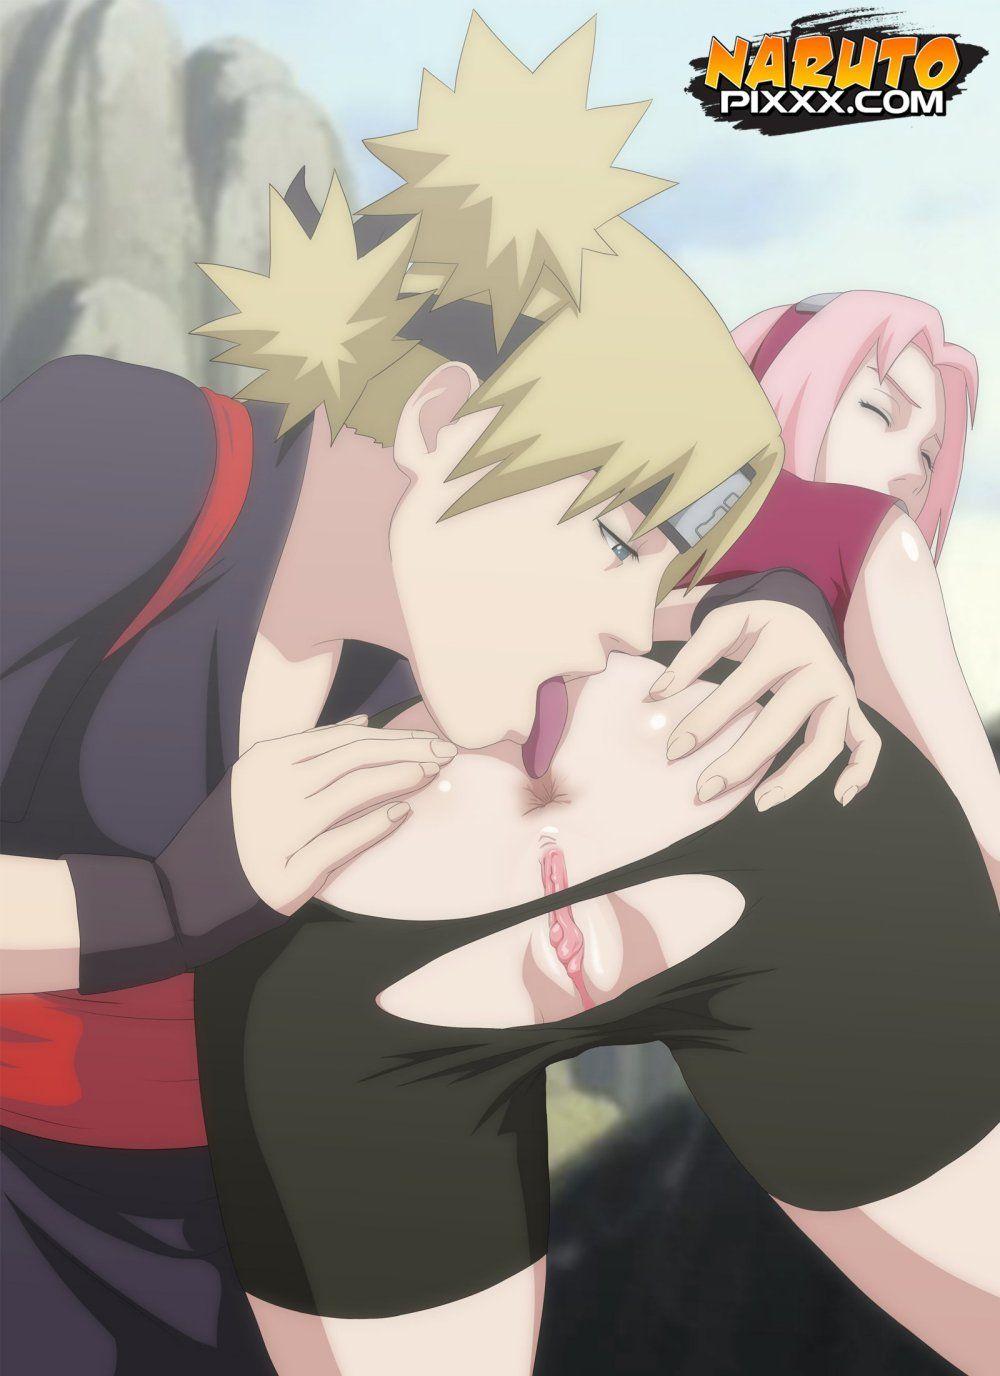 Naruto shippuden hentai